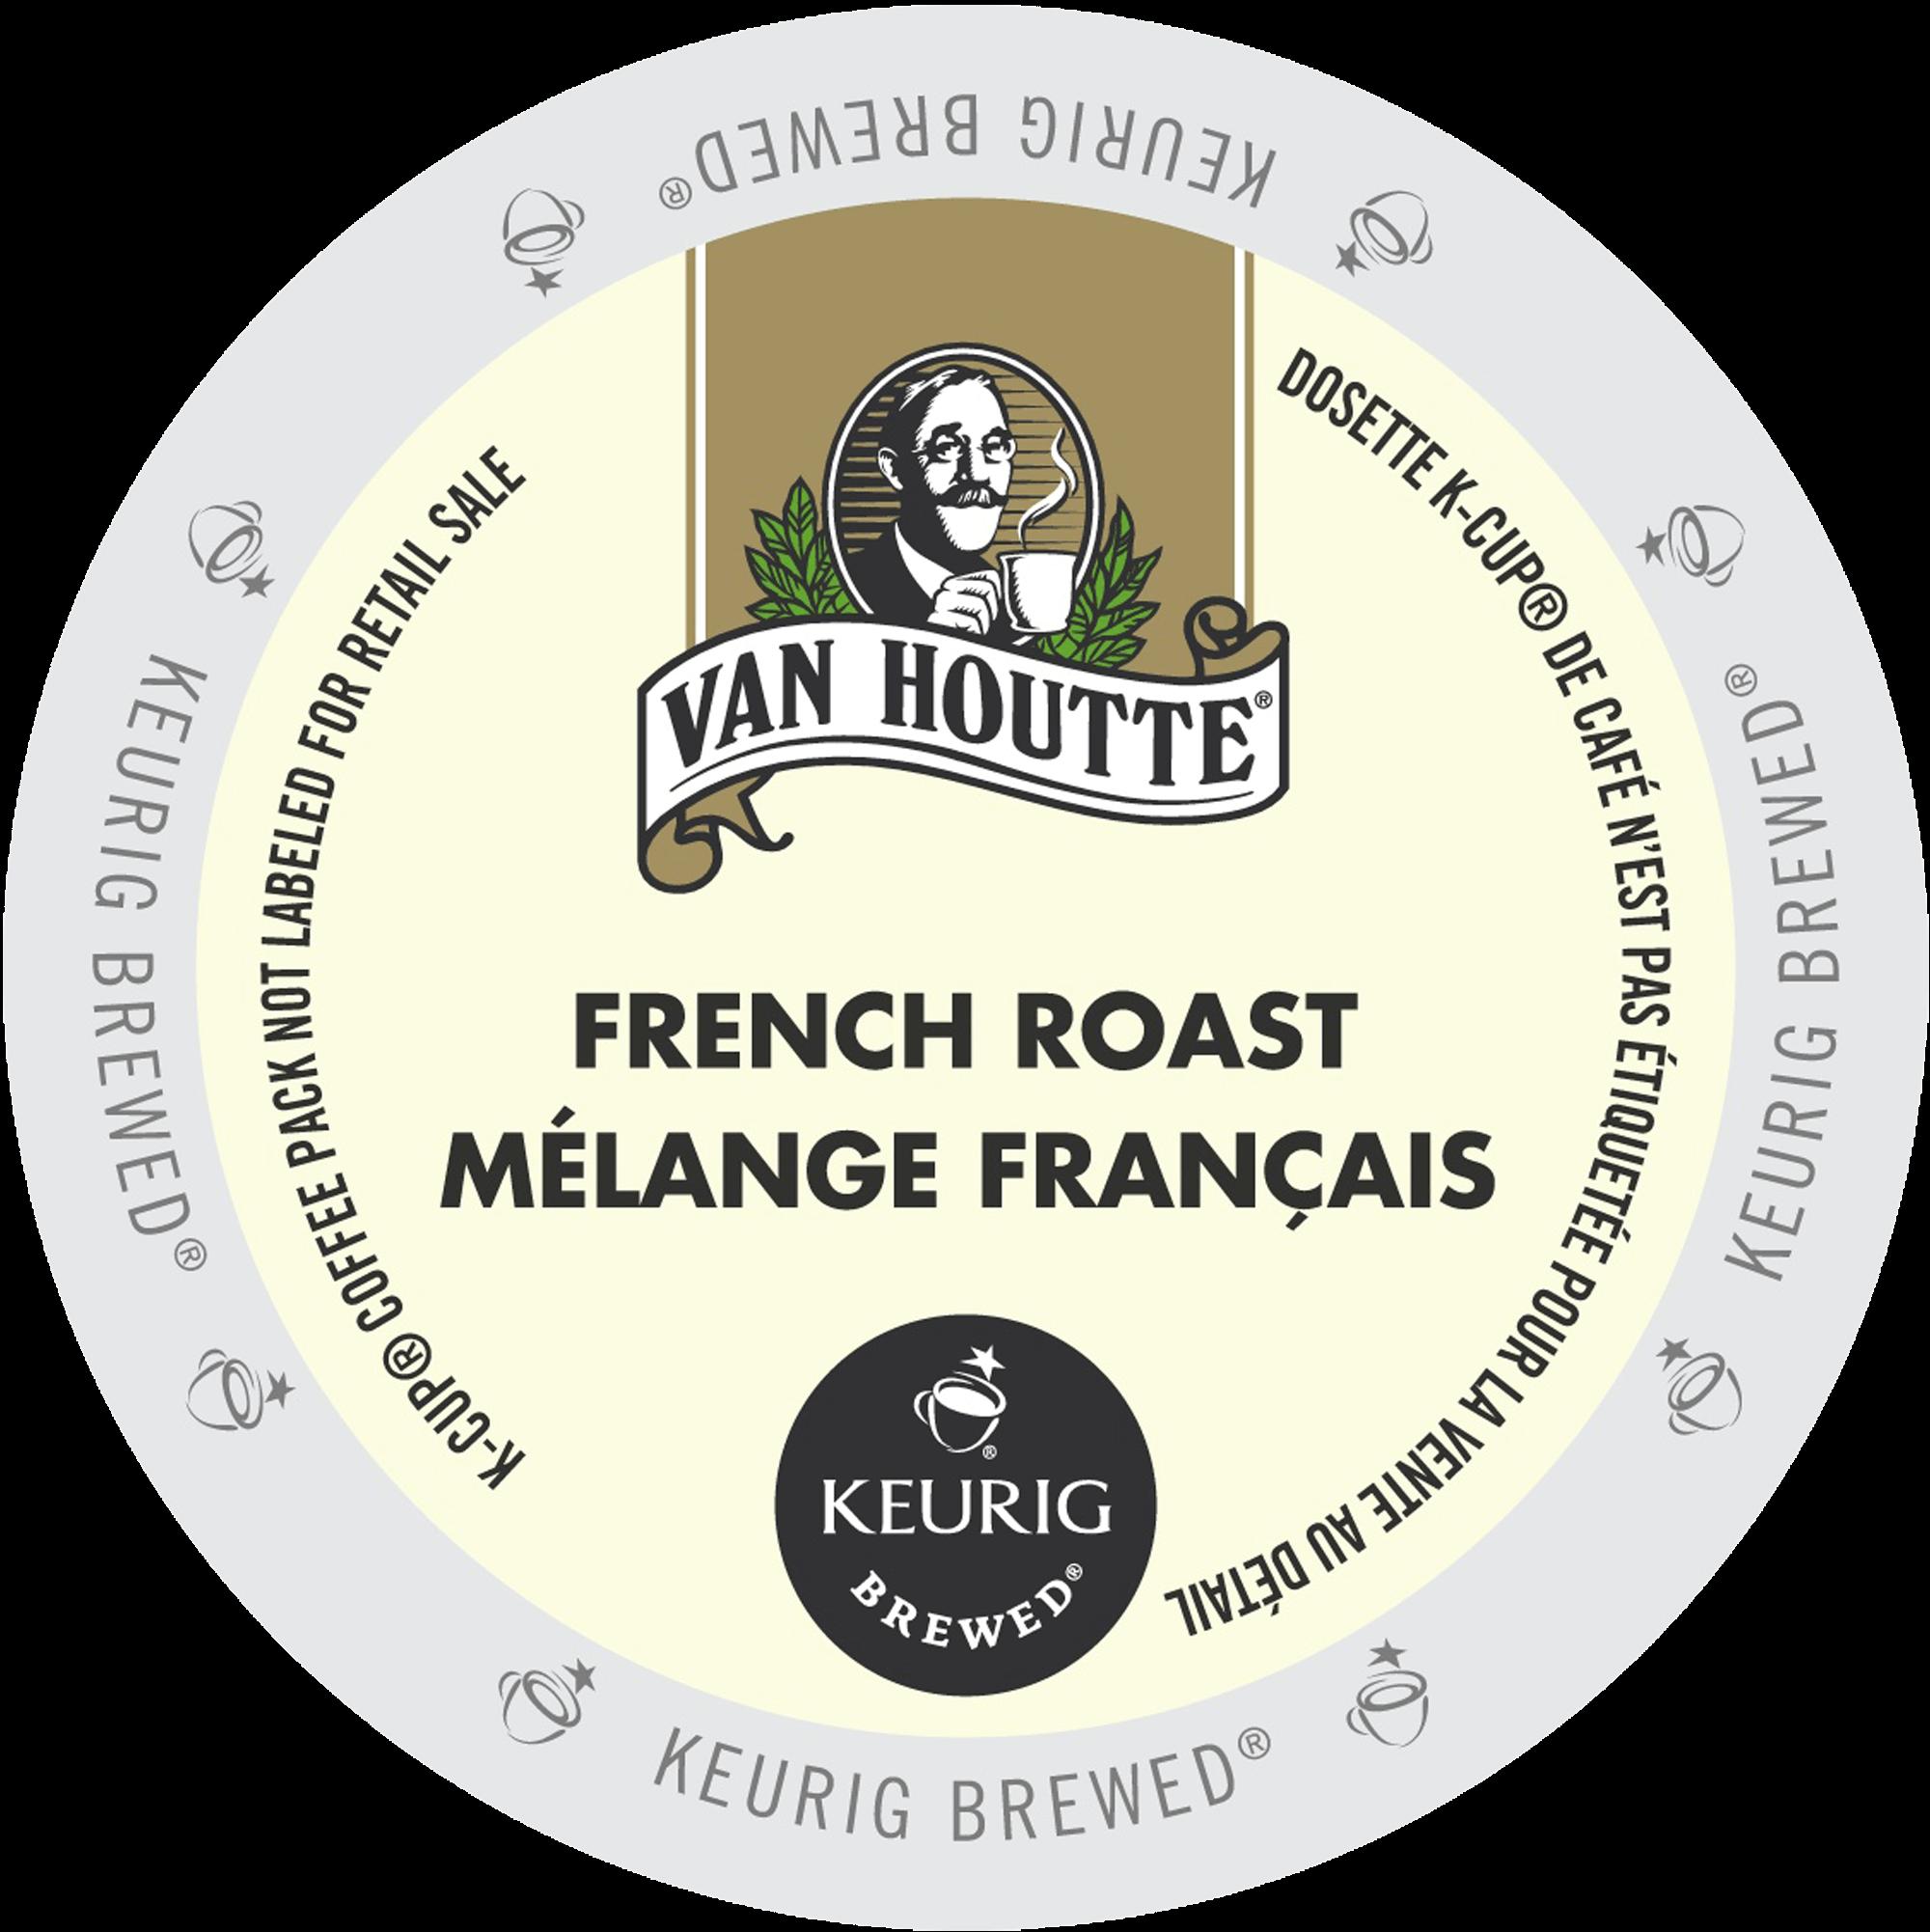 french-roast-coffee-van-houtte-k-cup_ca_general